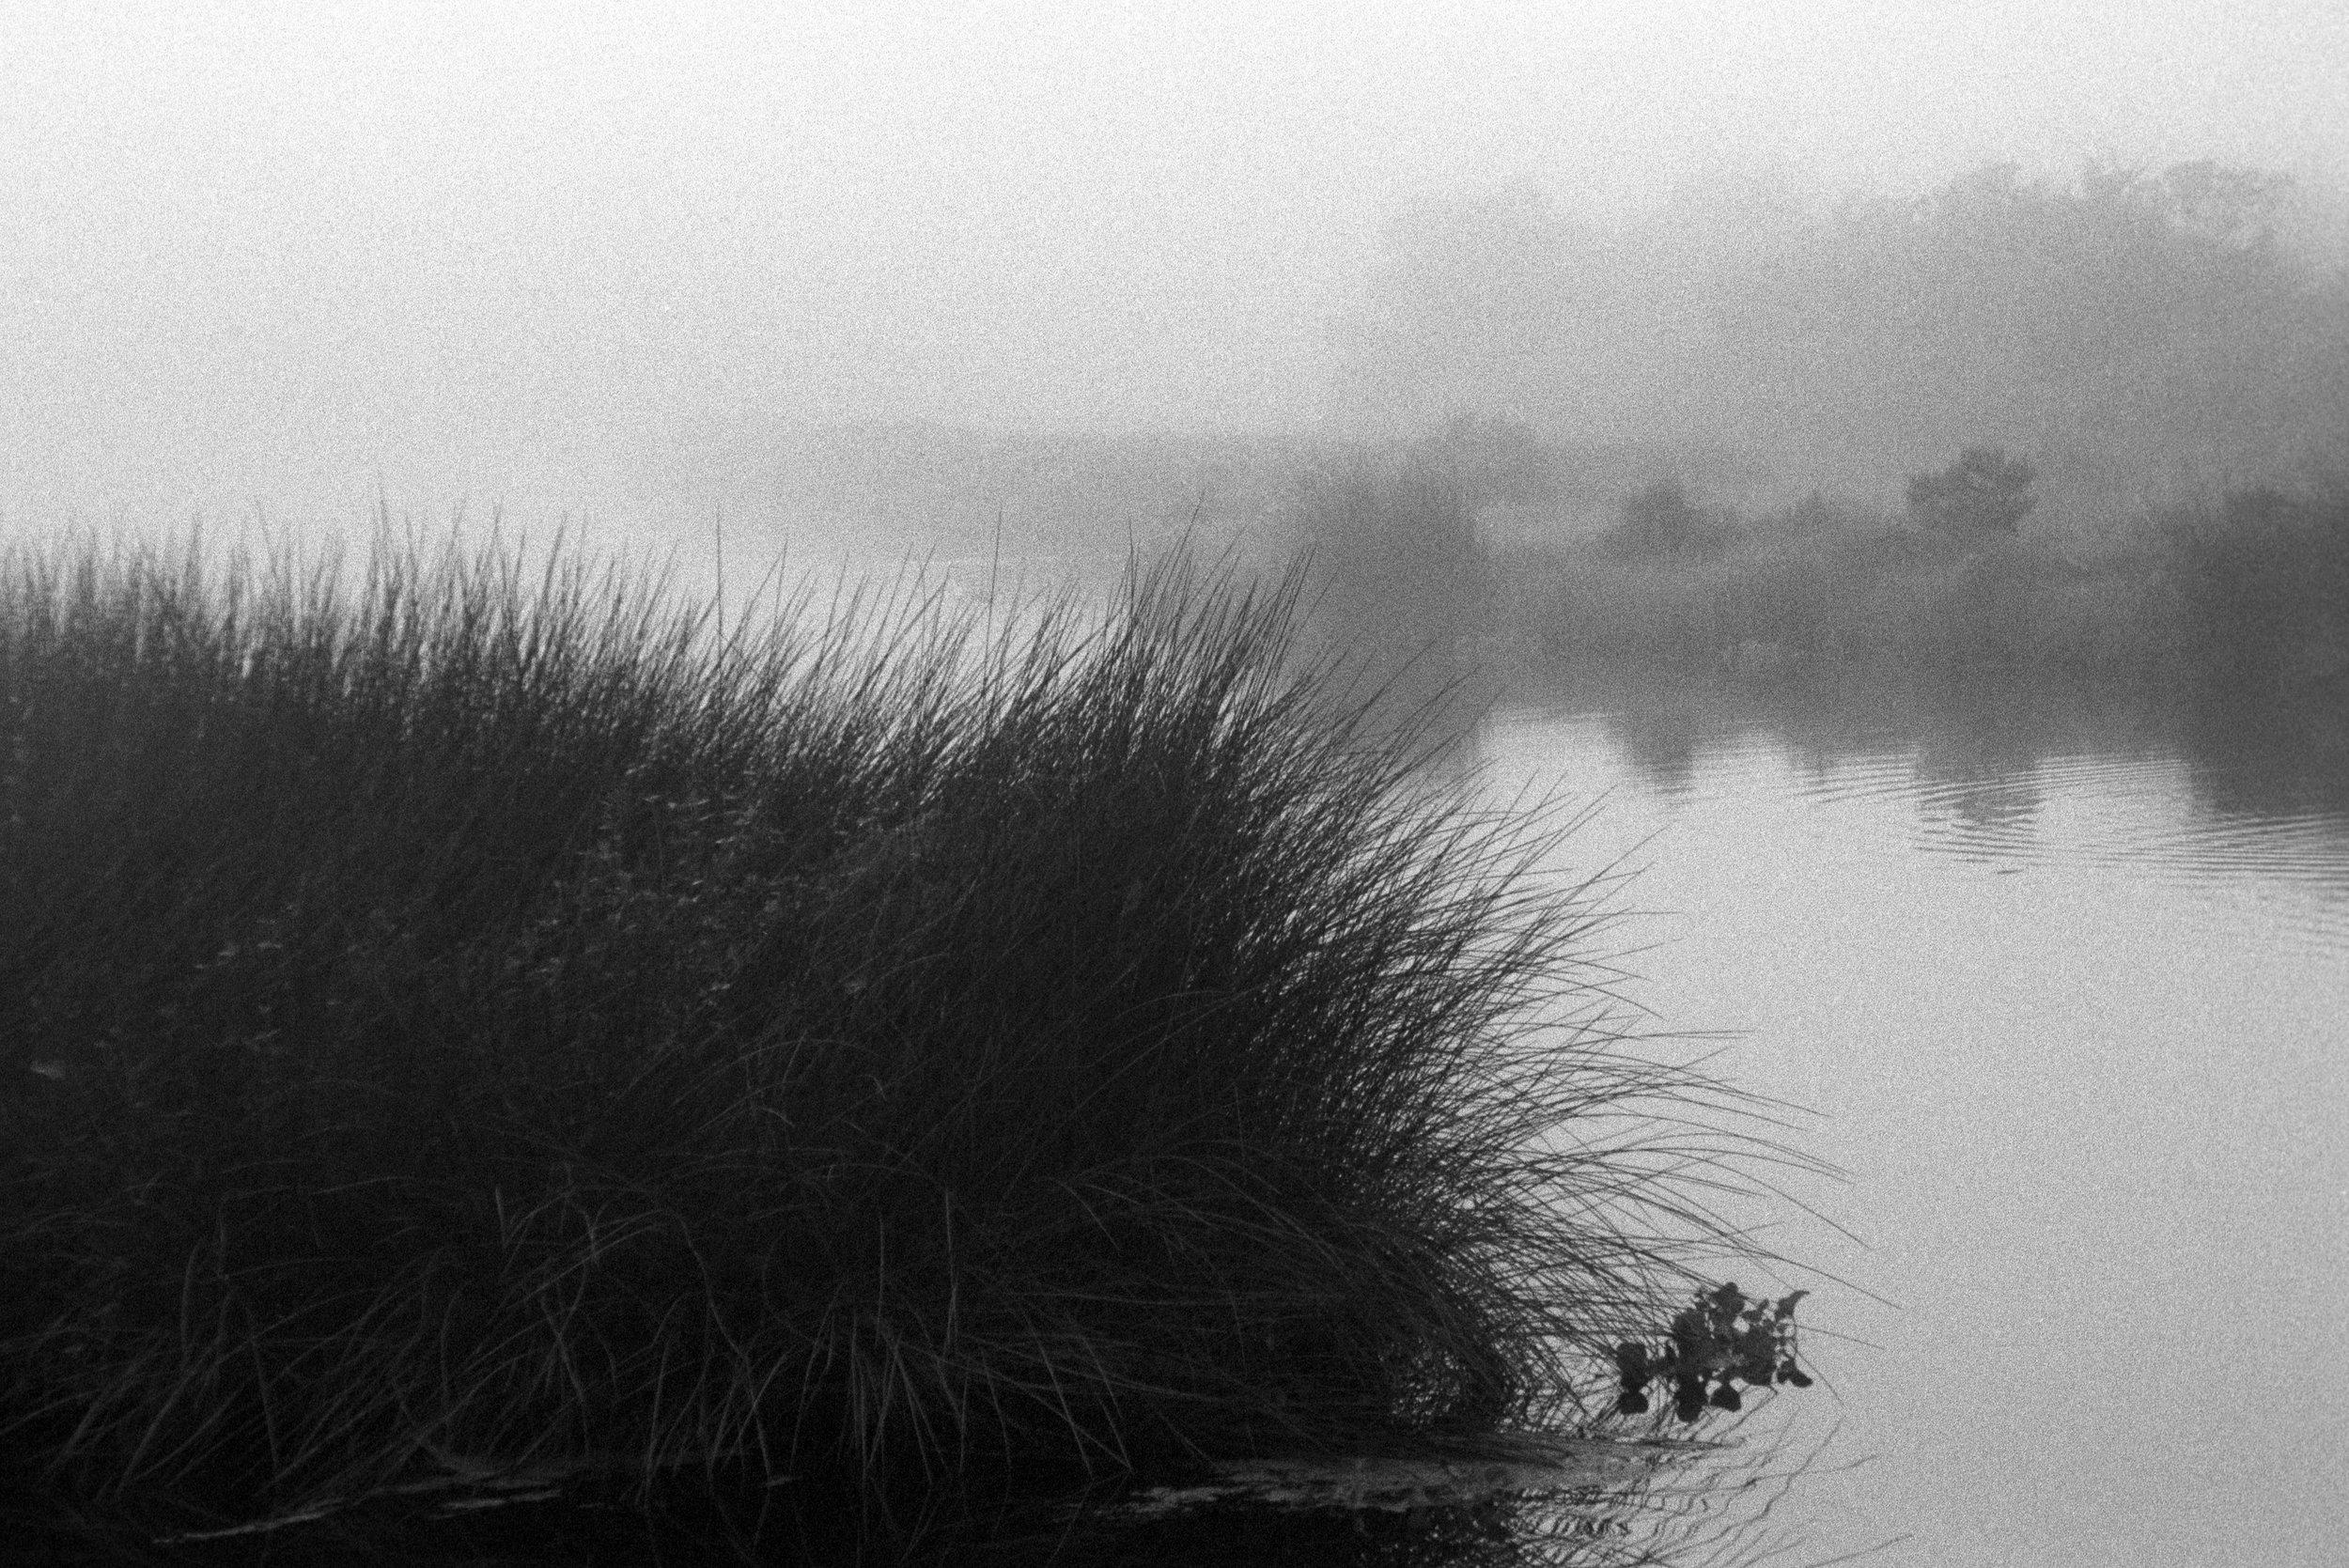 Marshy-fog22_BW.jpg